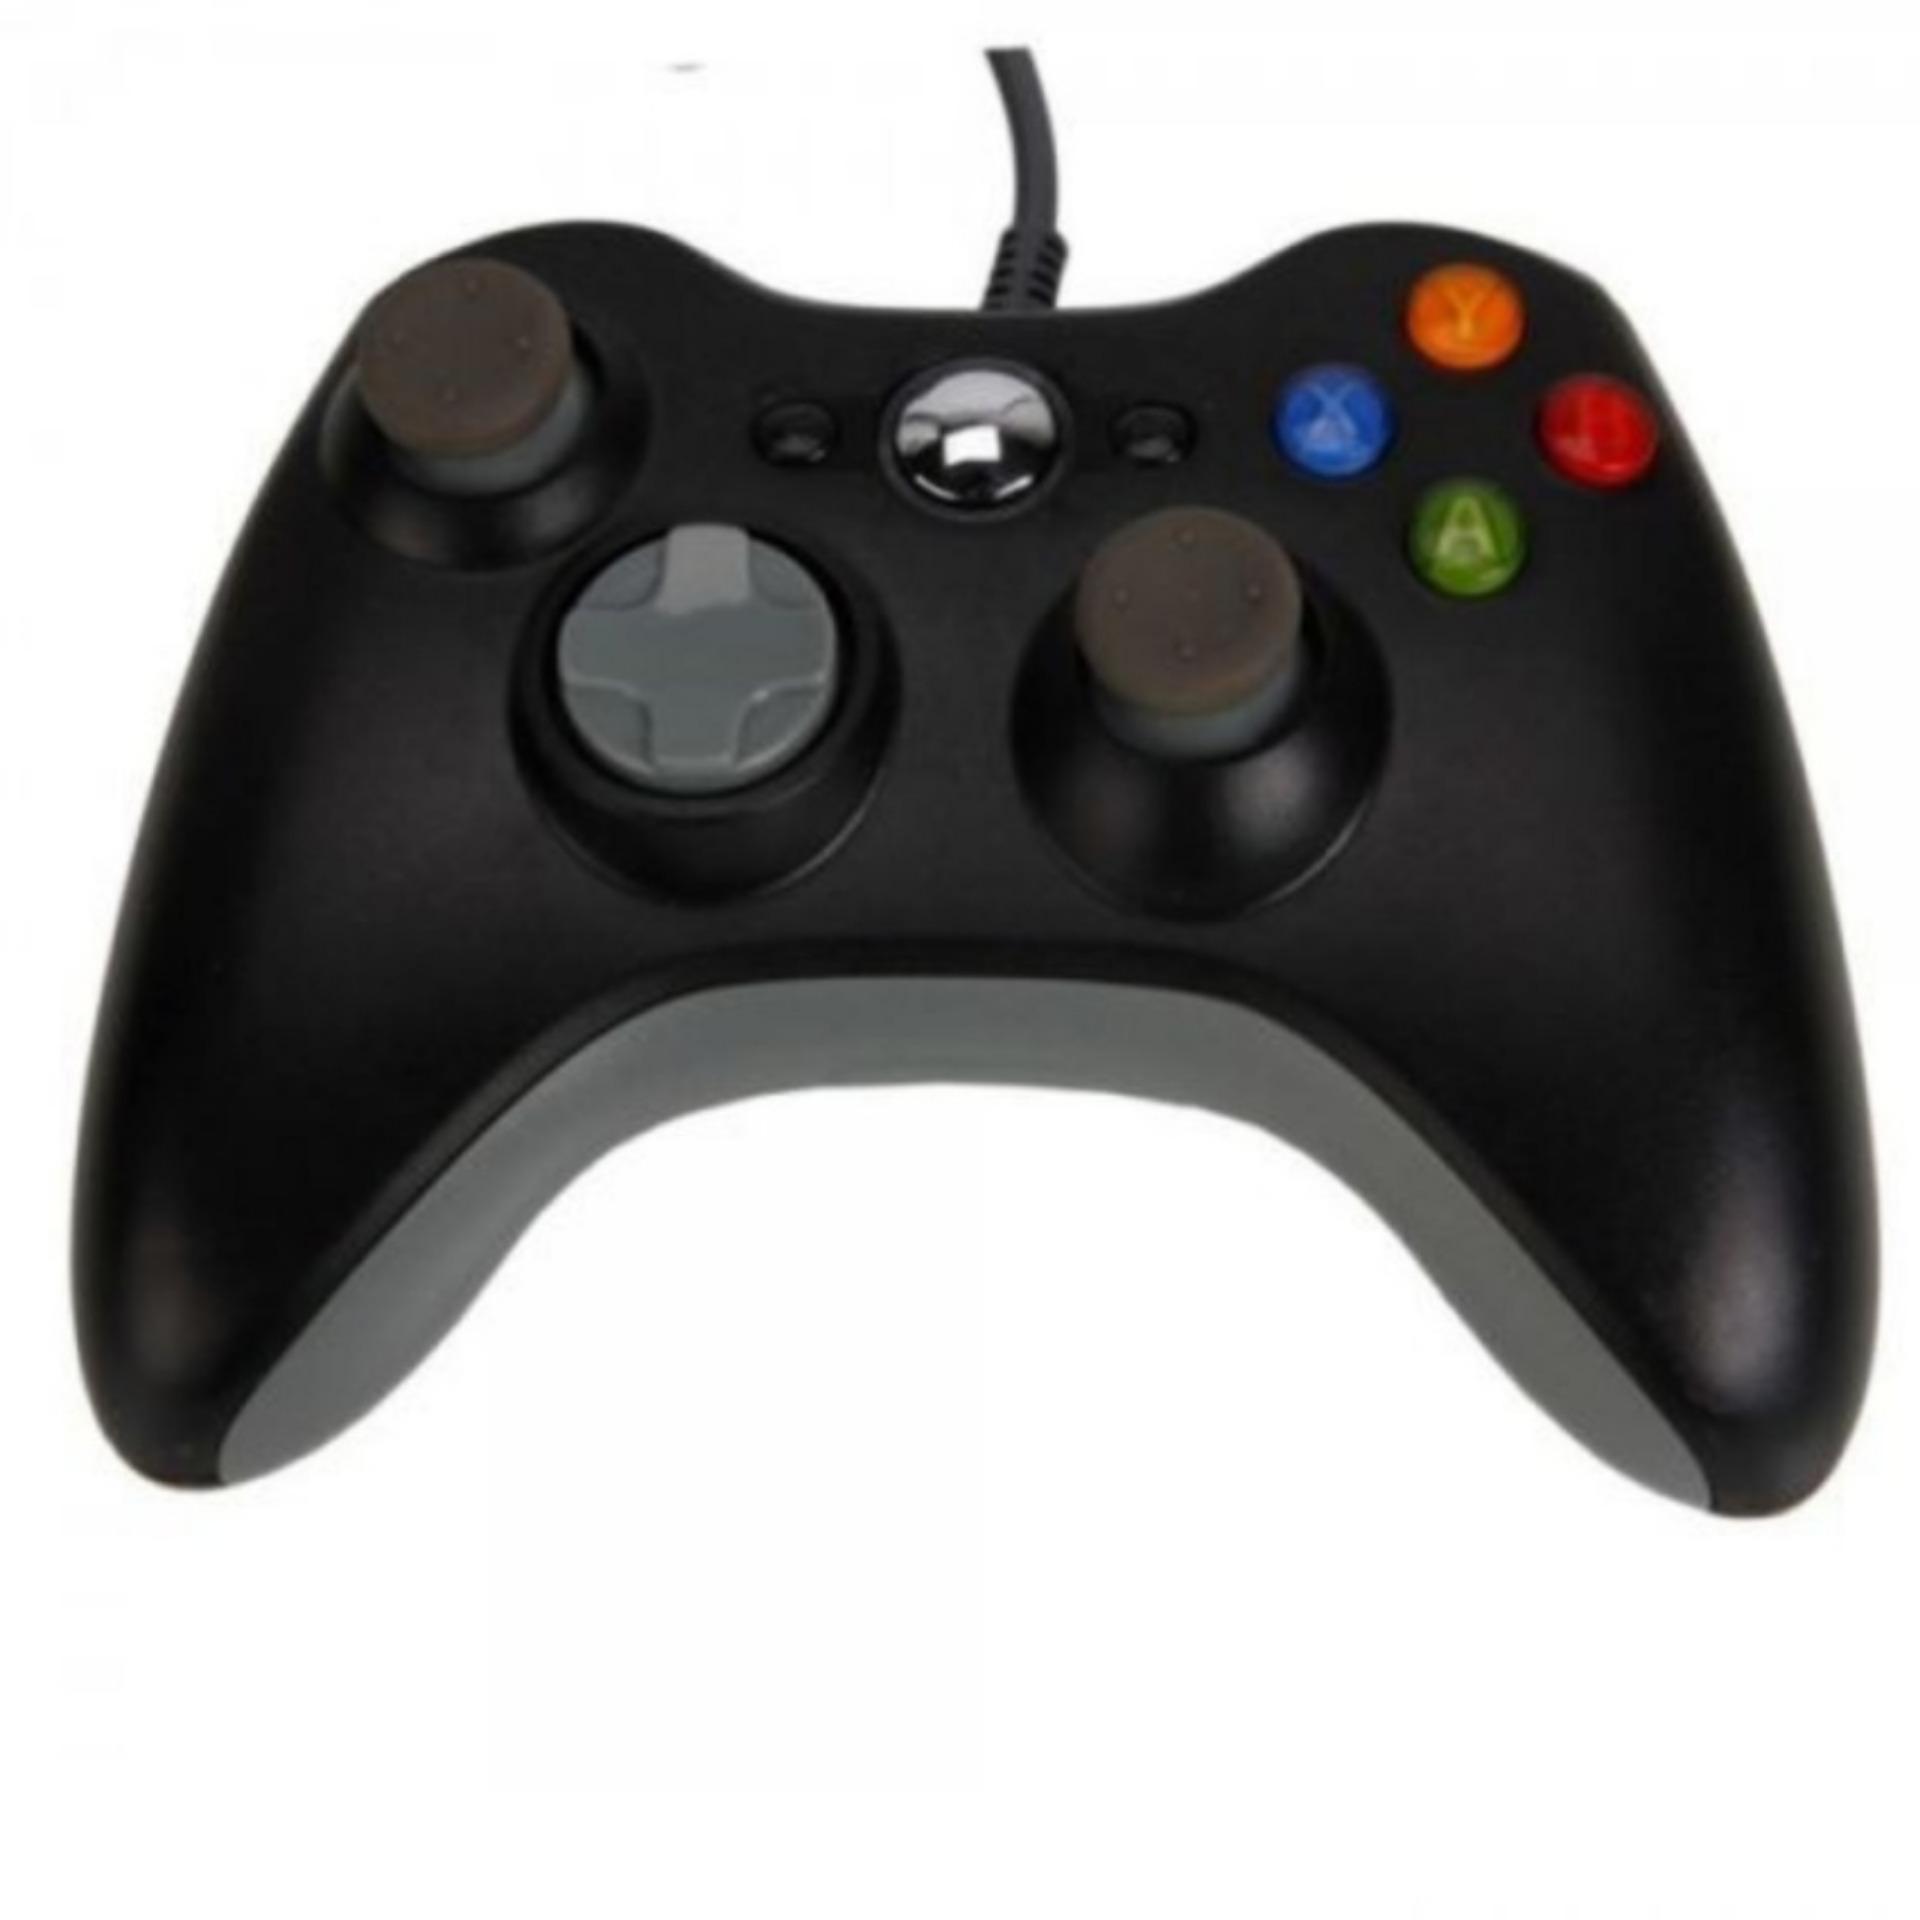 Tay Cầm Chơi Game Kết Nối USB Dành Cho Microsoft 360 Xbox Windows 7 - Quốc tế